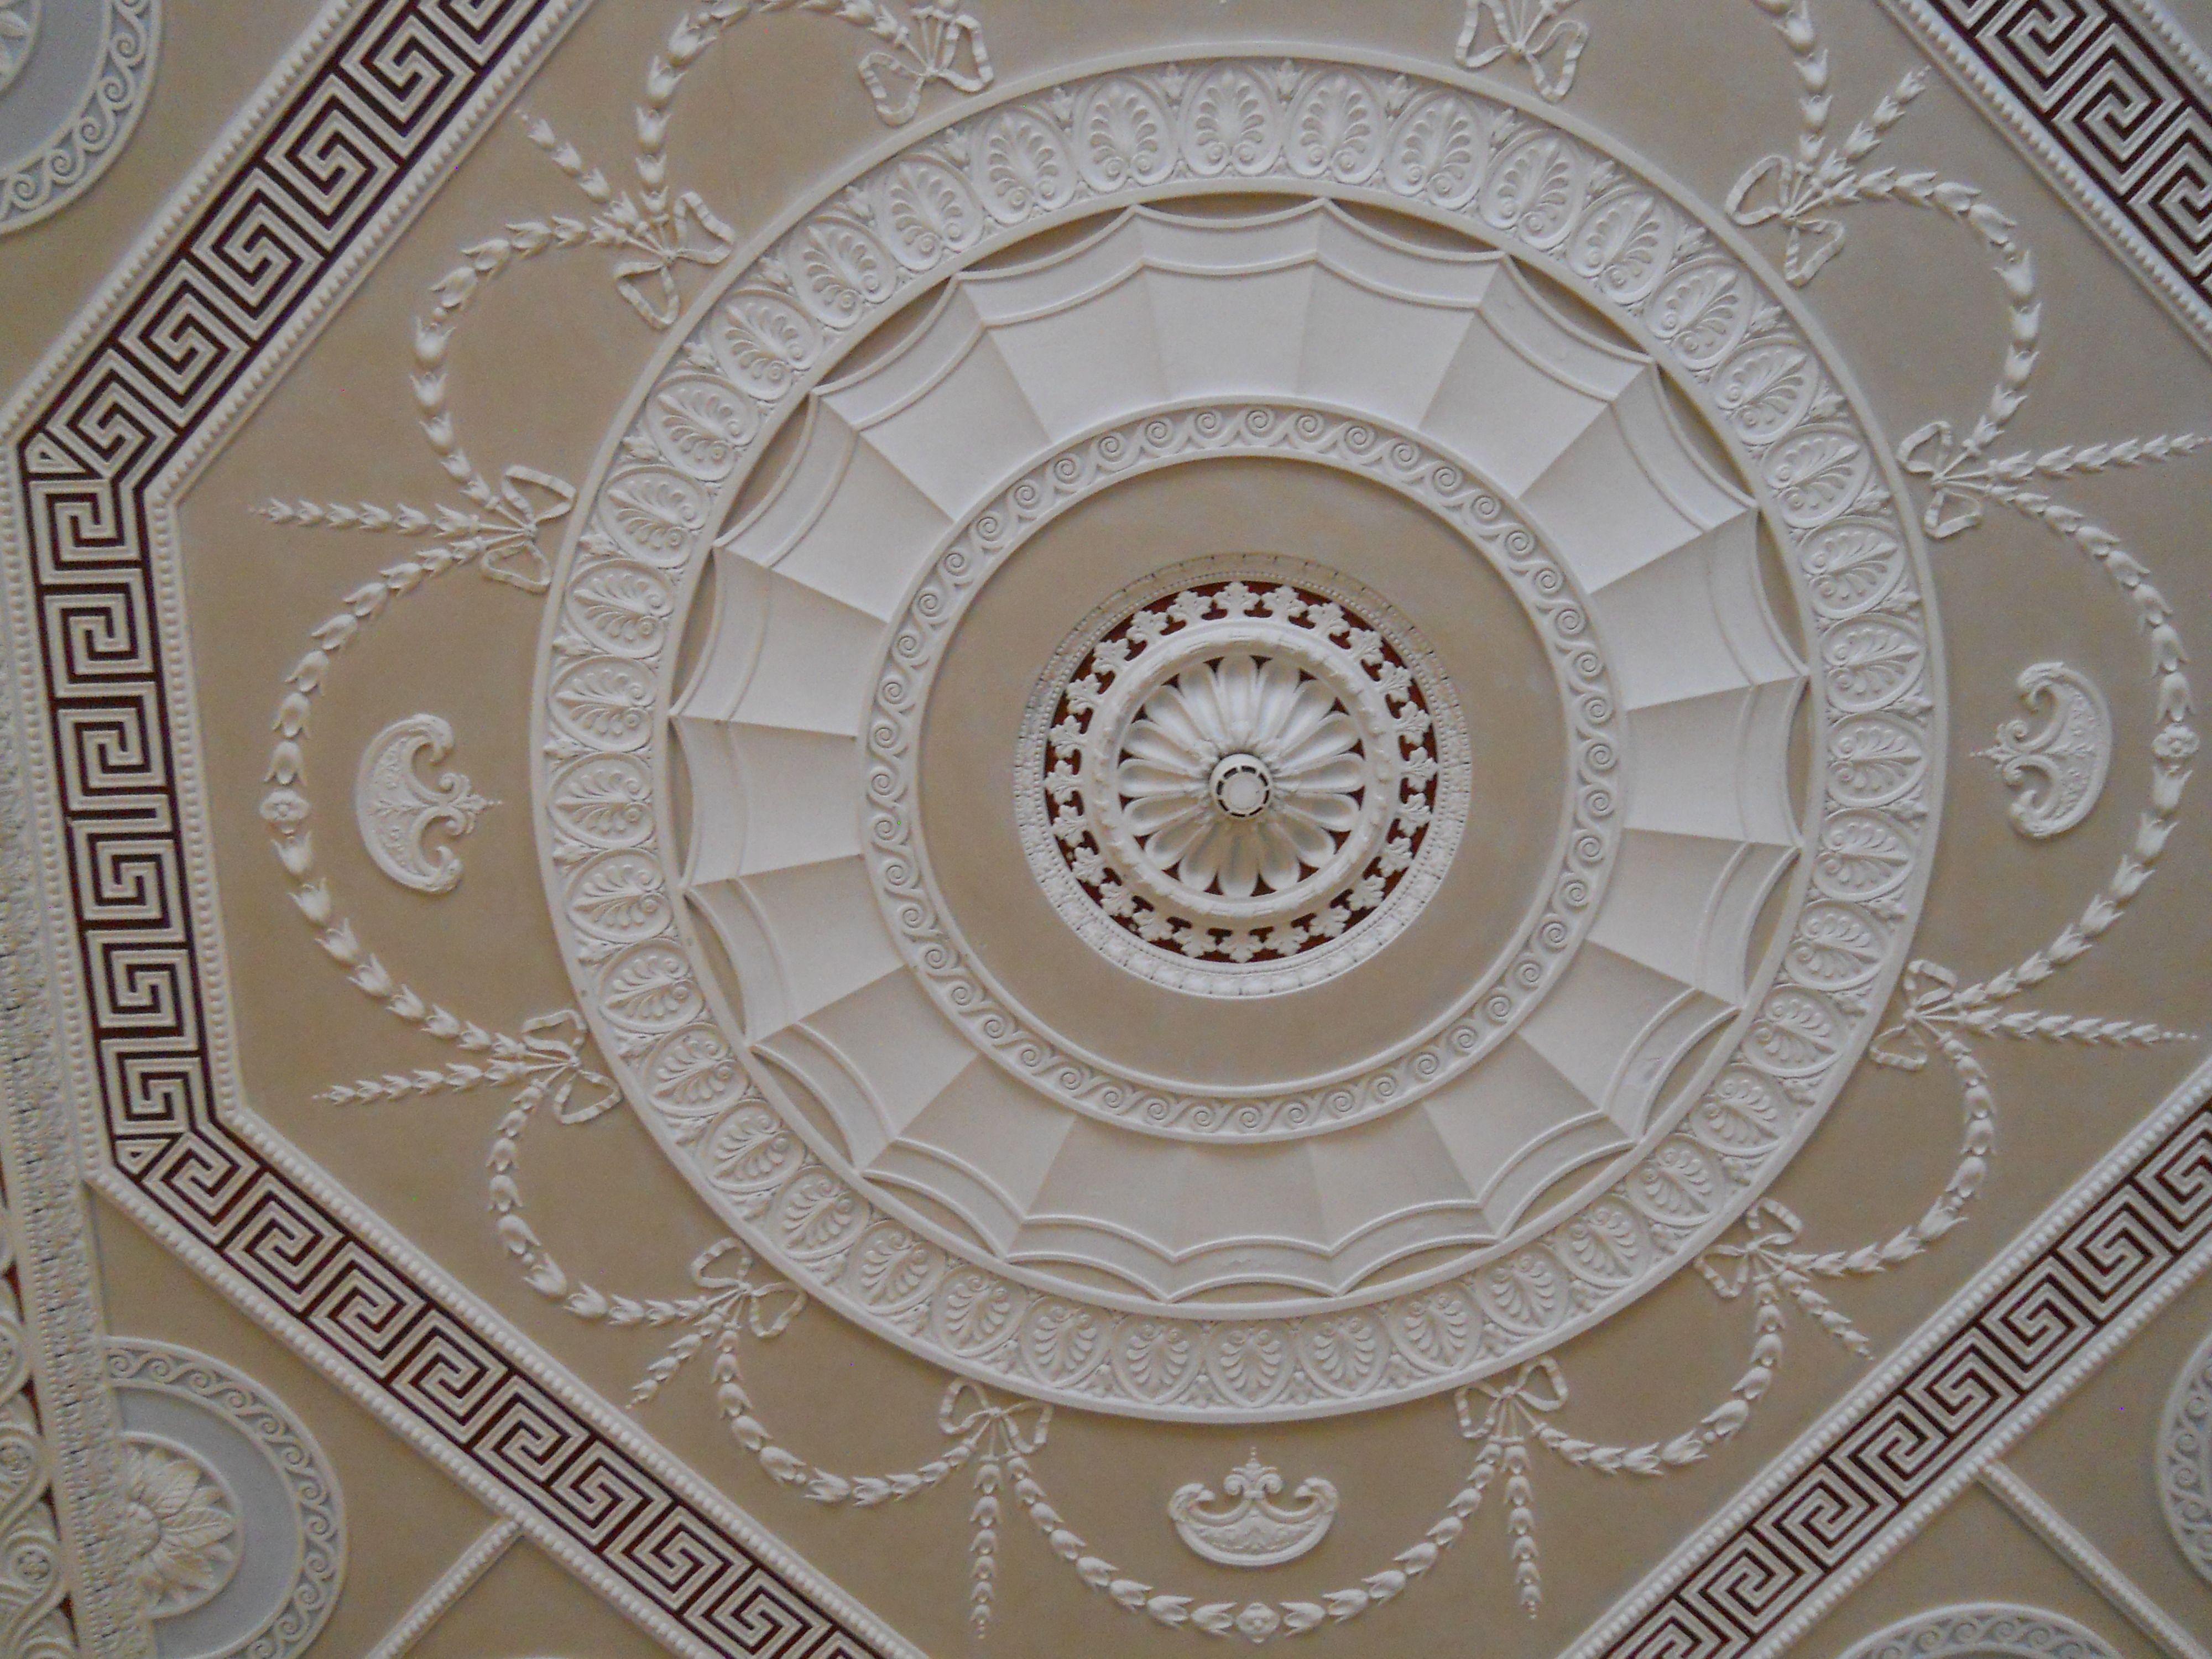 Robert Adam House Ceiling Design Ceiling Design Beautiful Ceiling Designs